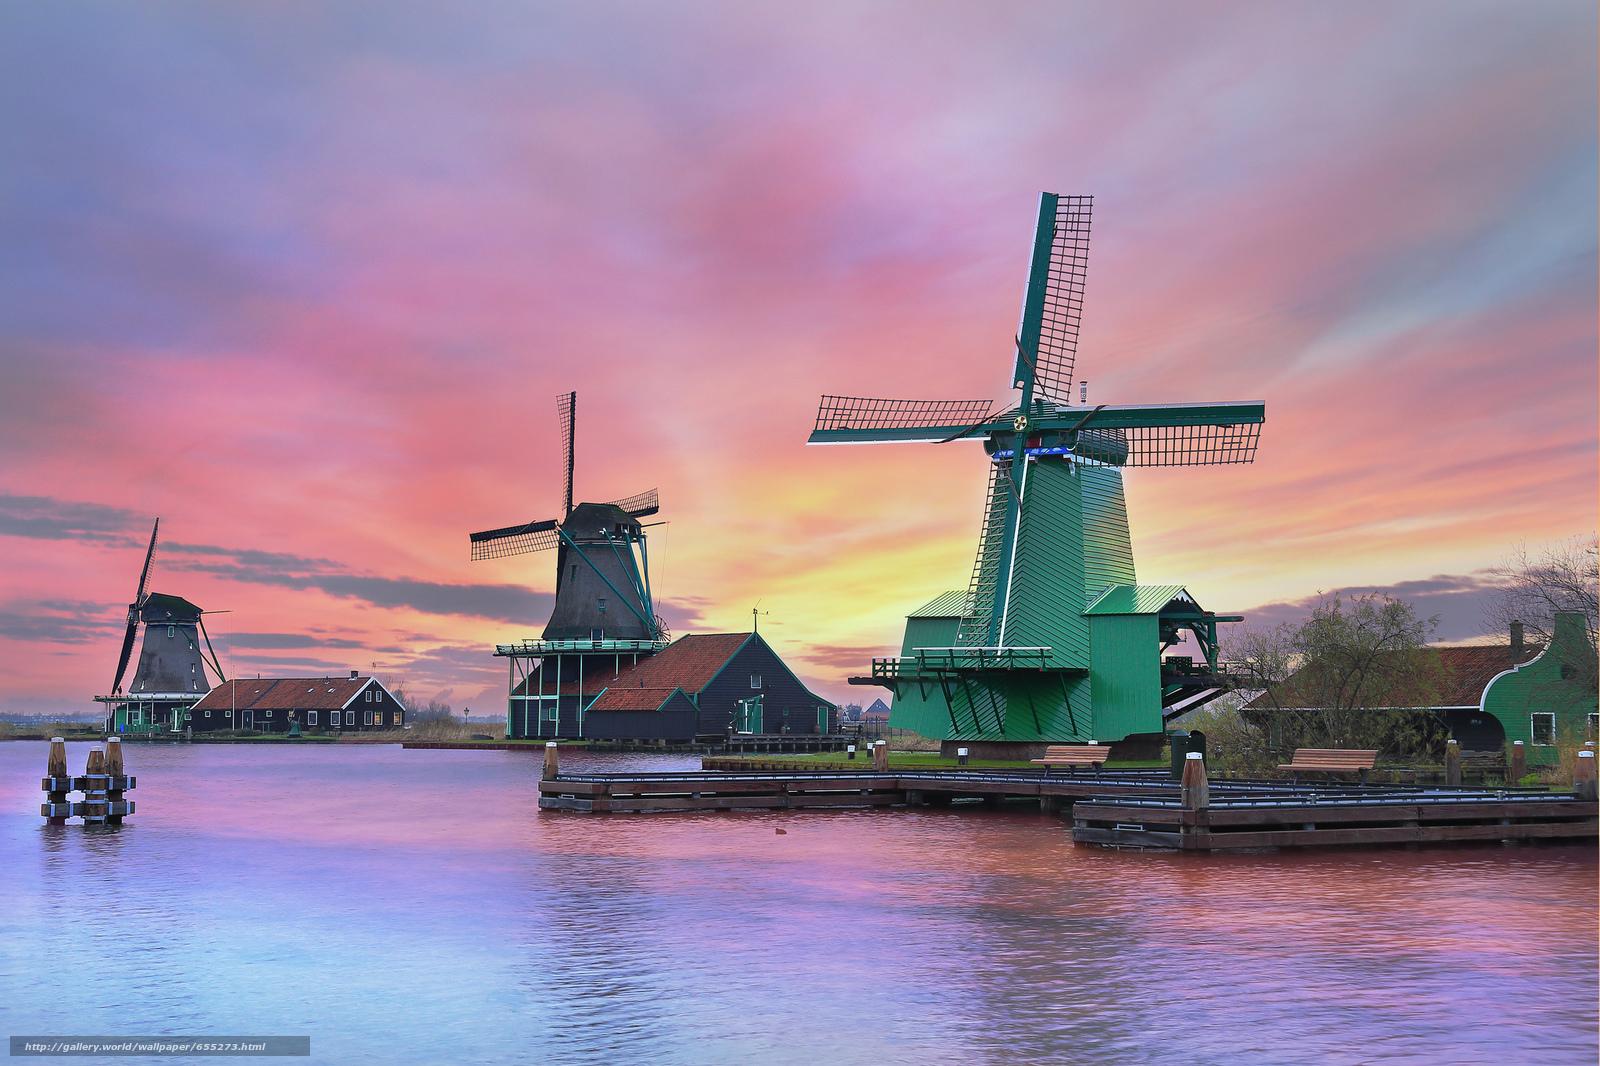 Скачать обои Zaanschans,  Нидерланды,  Amsterdam,  Netherlands бесплатно для рабочего стола в разрешении 2048x1365 — картинка №655273